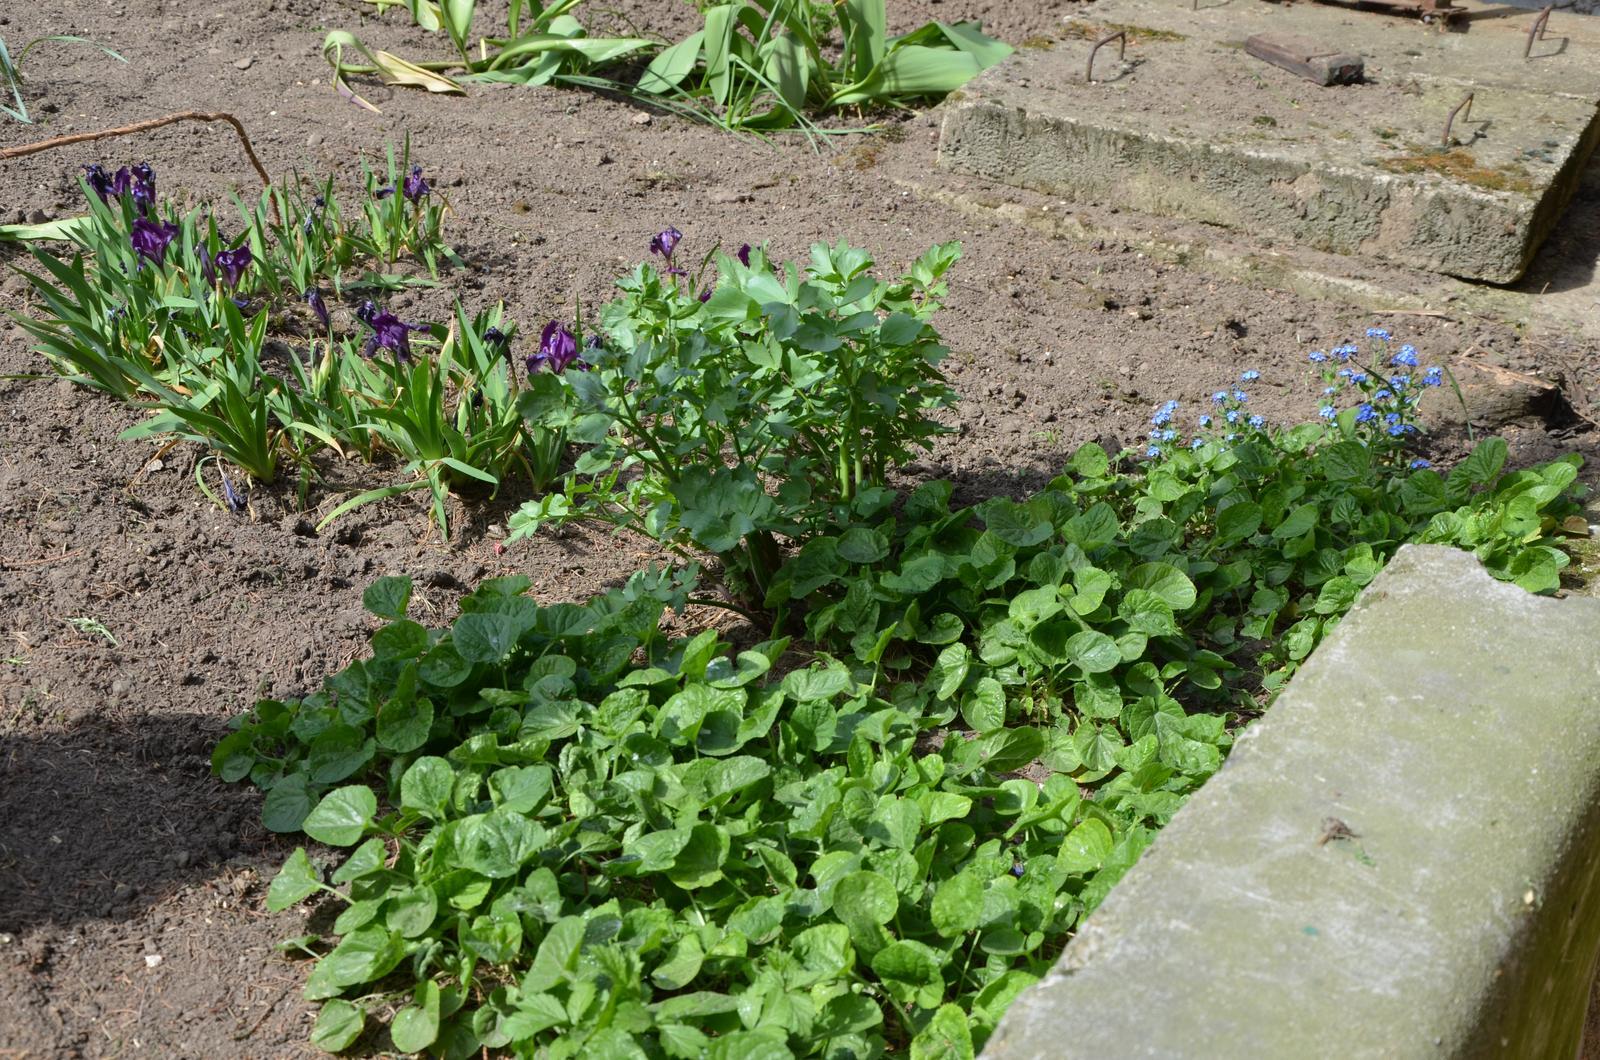 Vysněná zahrada... - odkvetlé fialky, pomněnky, kosatce a ušlápnutý libeček